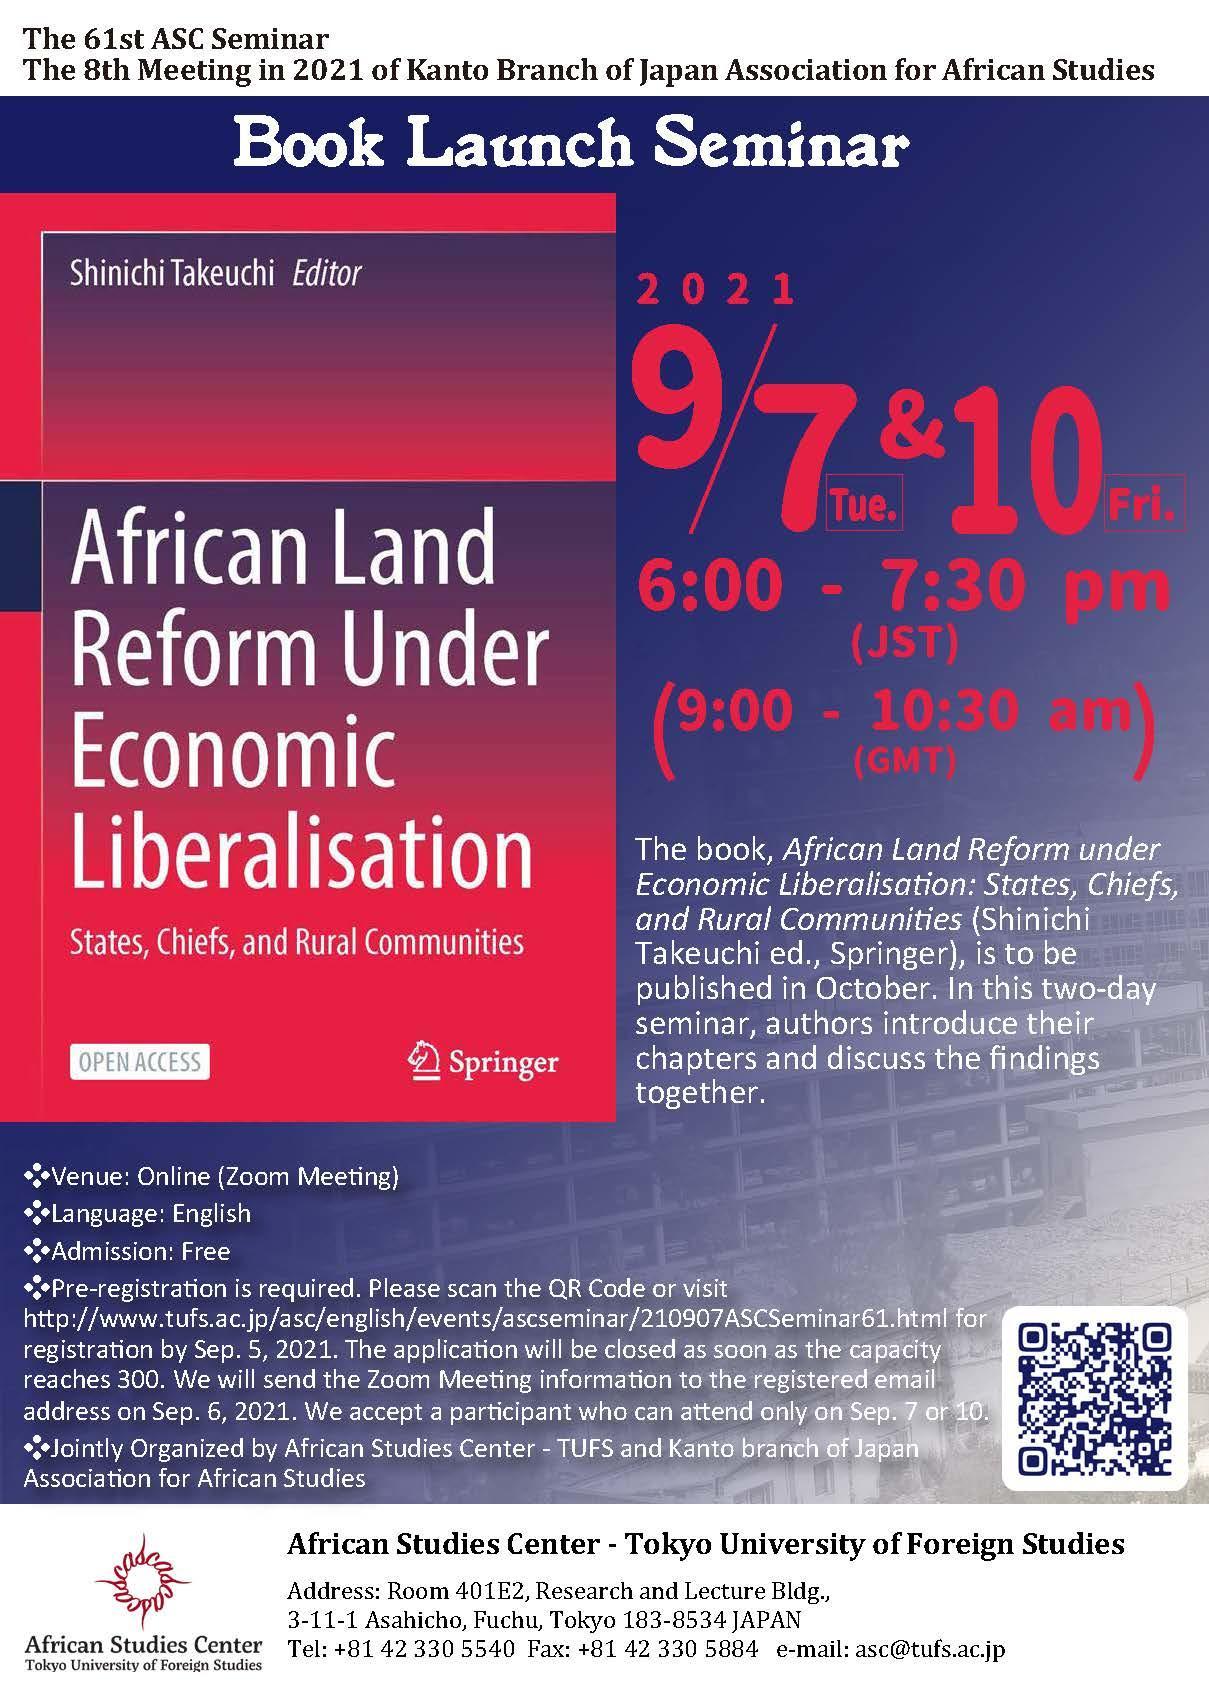 第61回「書籍刊行記念セミナー African Land Reform under Economic Liberalisation: States, Chiefs, and Rural Communities(武内進一編、Springer)」